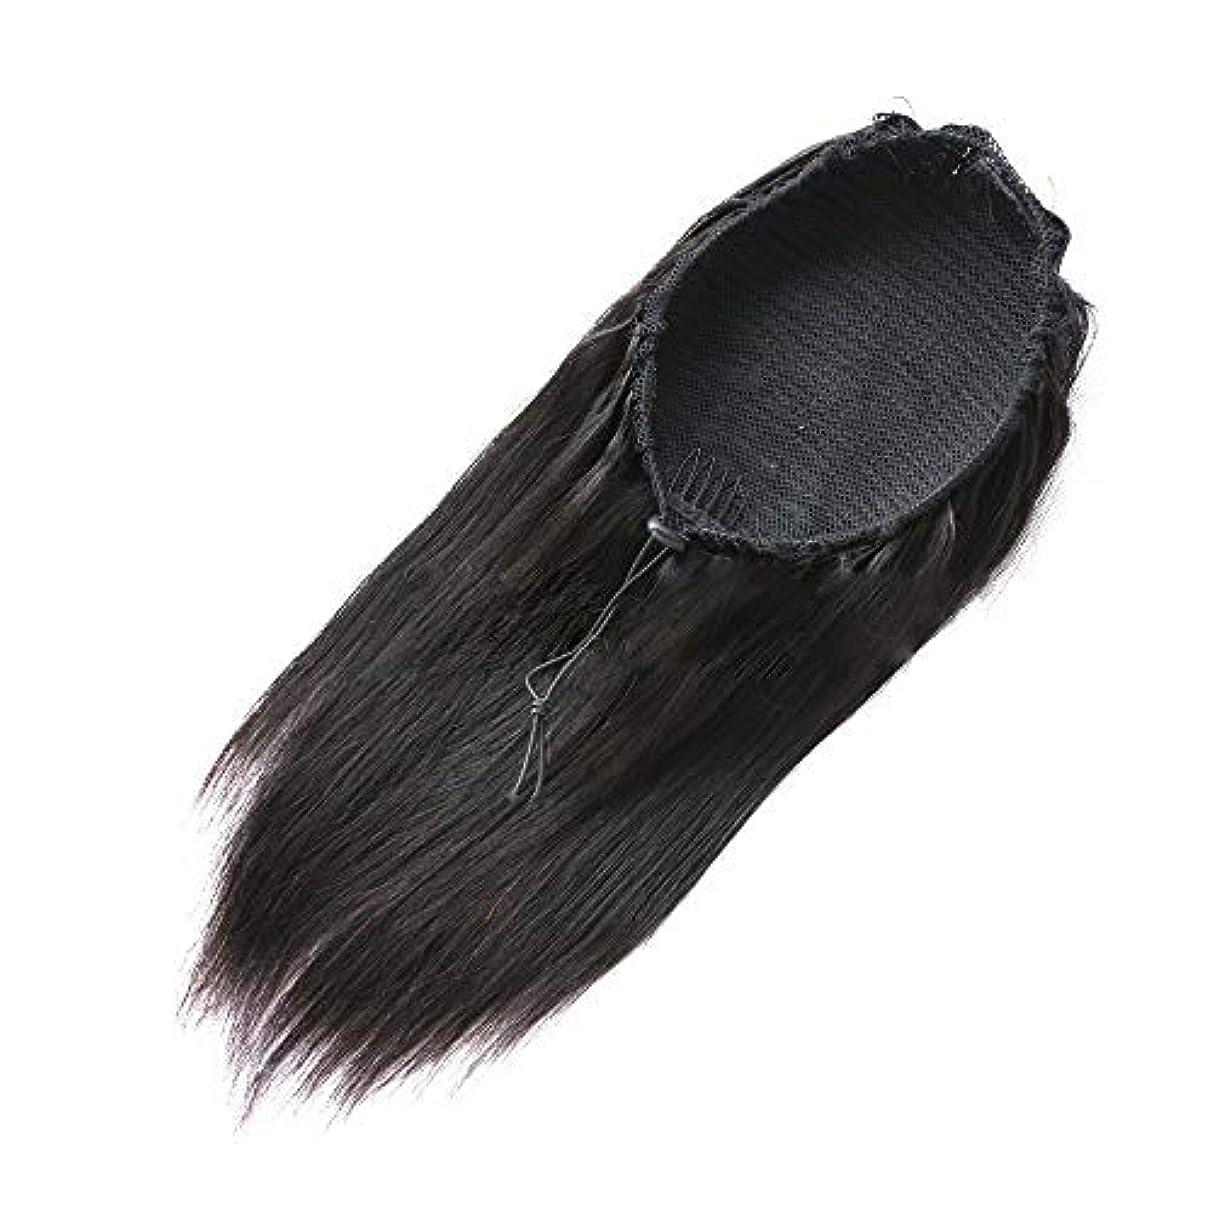 敵意中絶フェードアウトSRY-Wigファッション ファッションかつら人毛レース閉鎖かつらマレーシアレミー人毛かつら未処理レースフロントかつら女性の自然な色 (Color : ブラック, Size : 18inch)